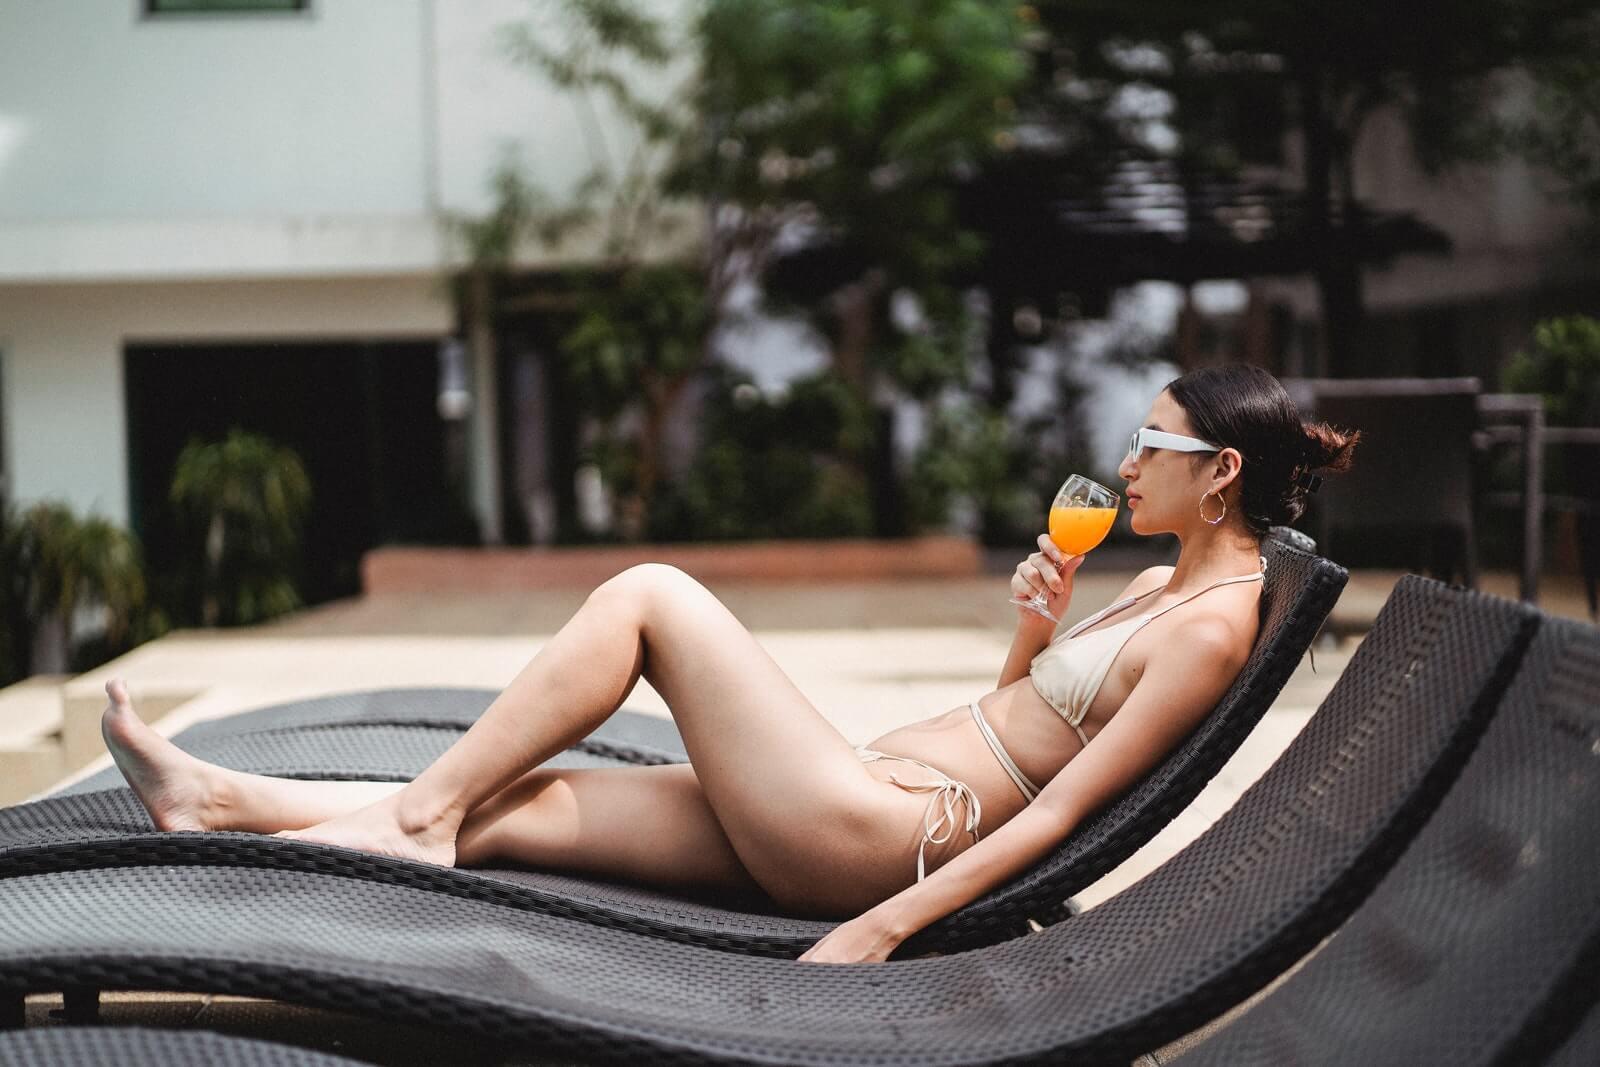 woman in bikini enjoys poolside